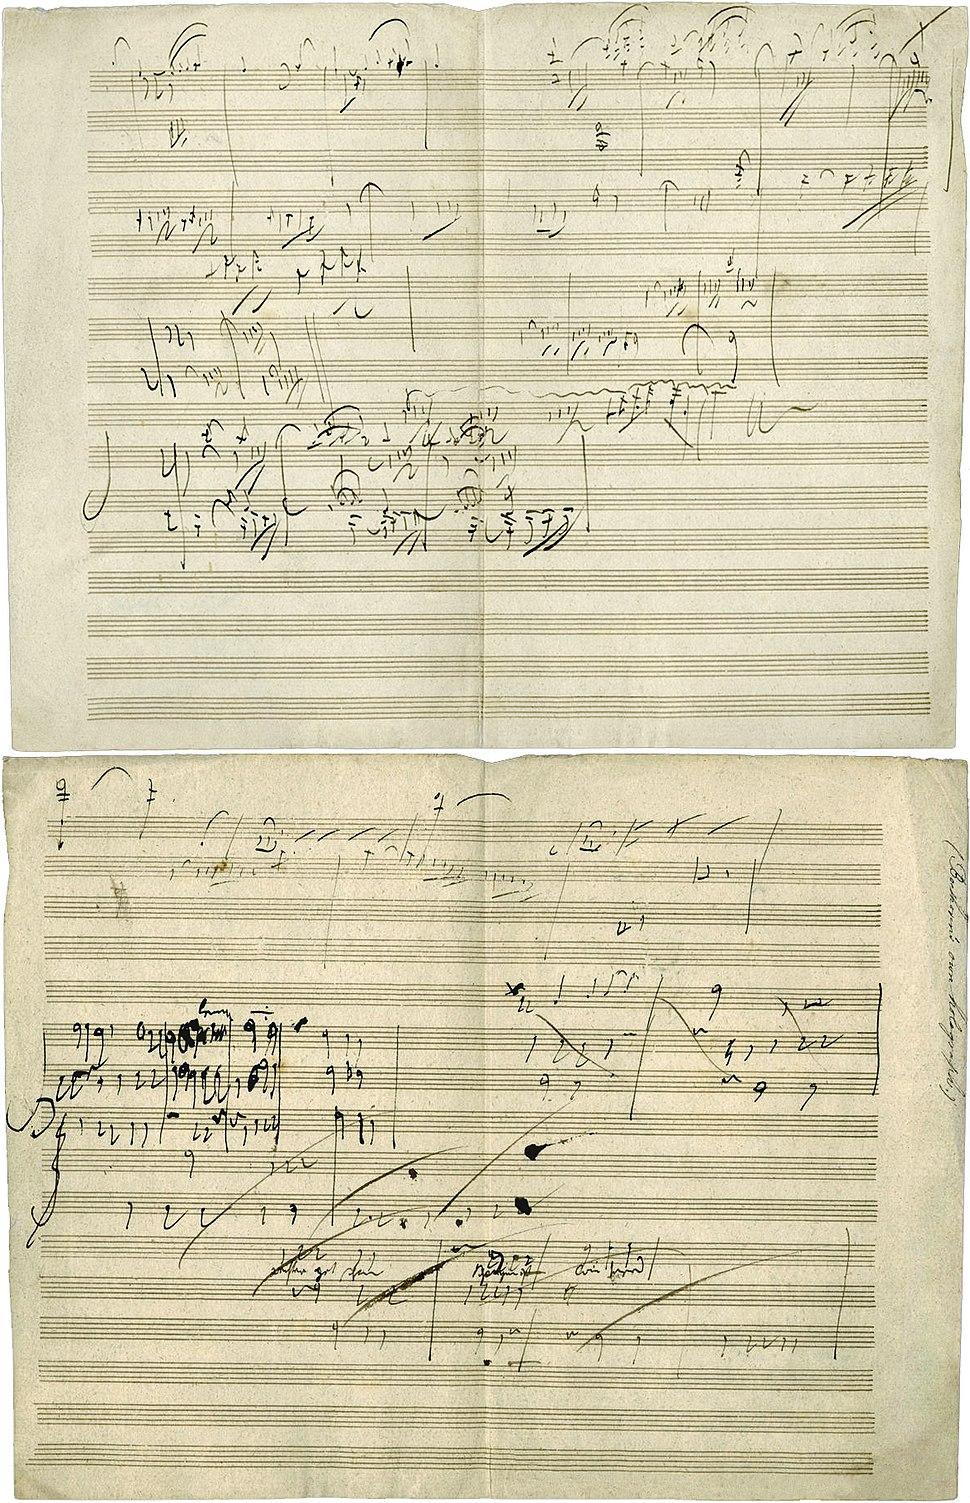 Beethoven opus 101 manuscript